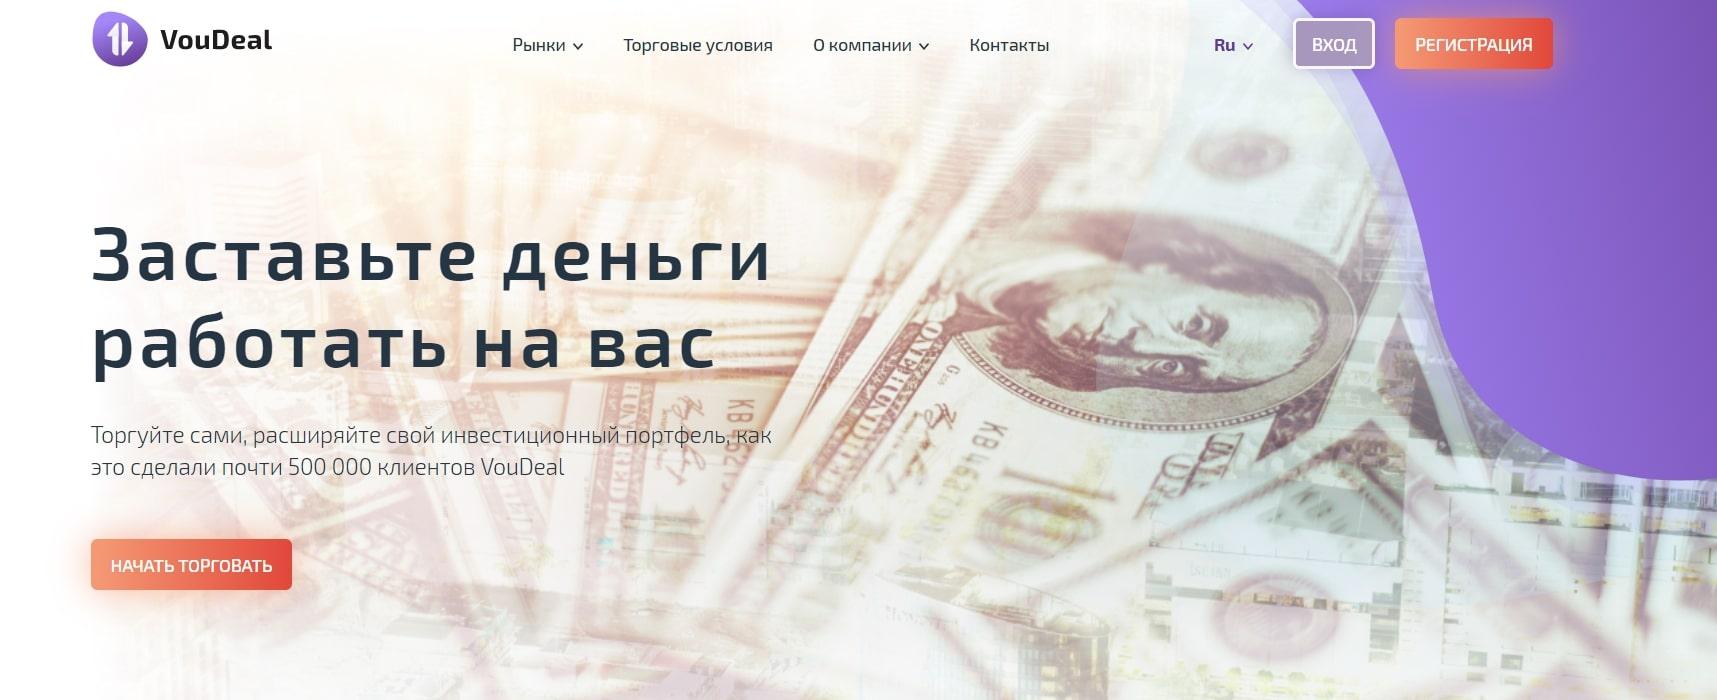 Отзывы о VouDeal: мнение трейдеров о финансовом посреднике – Обман? реальные отзывы